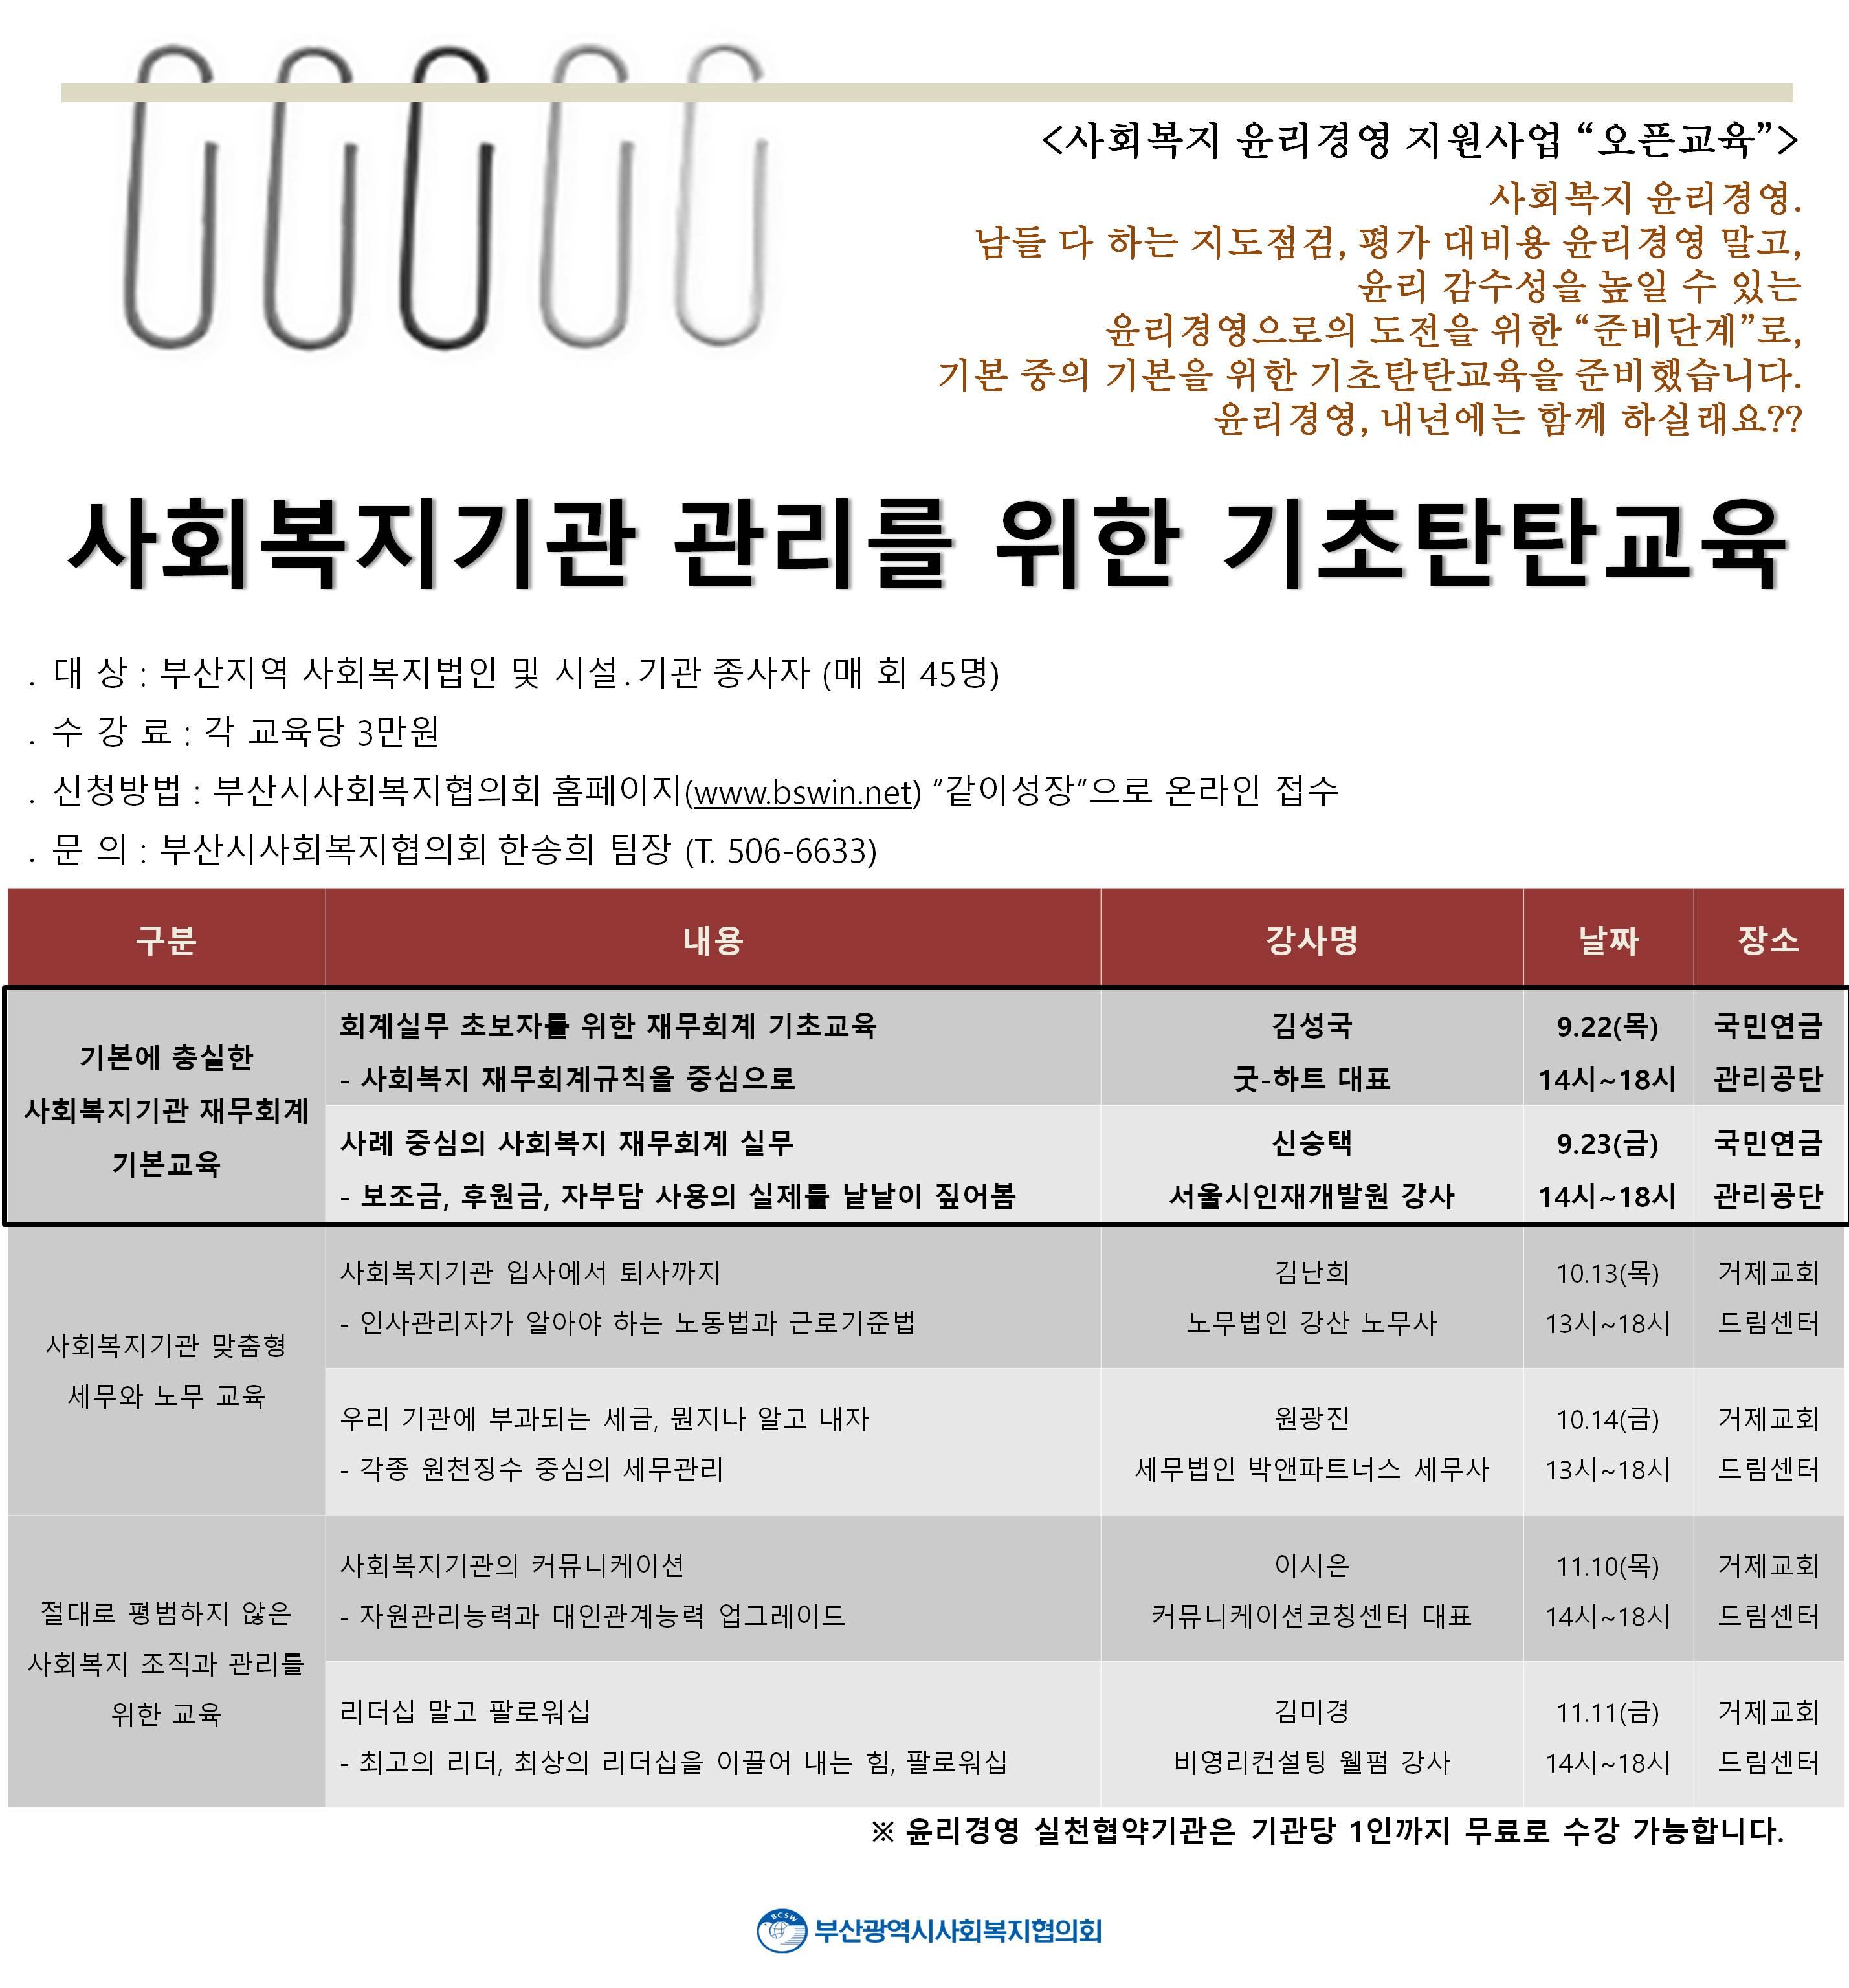 윤리경영웹포스터-최종.jpg